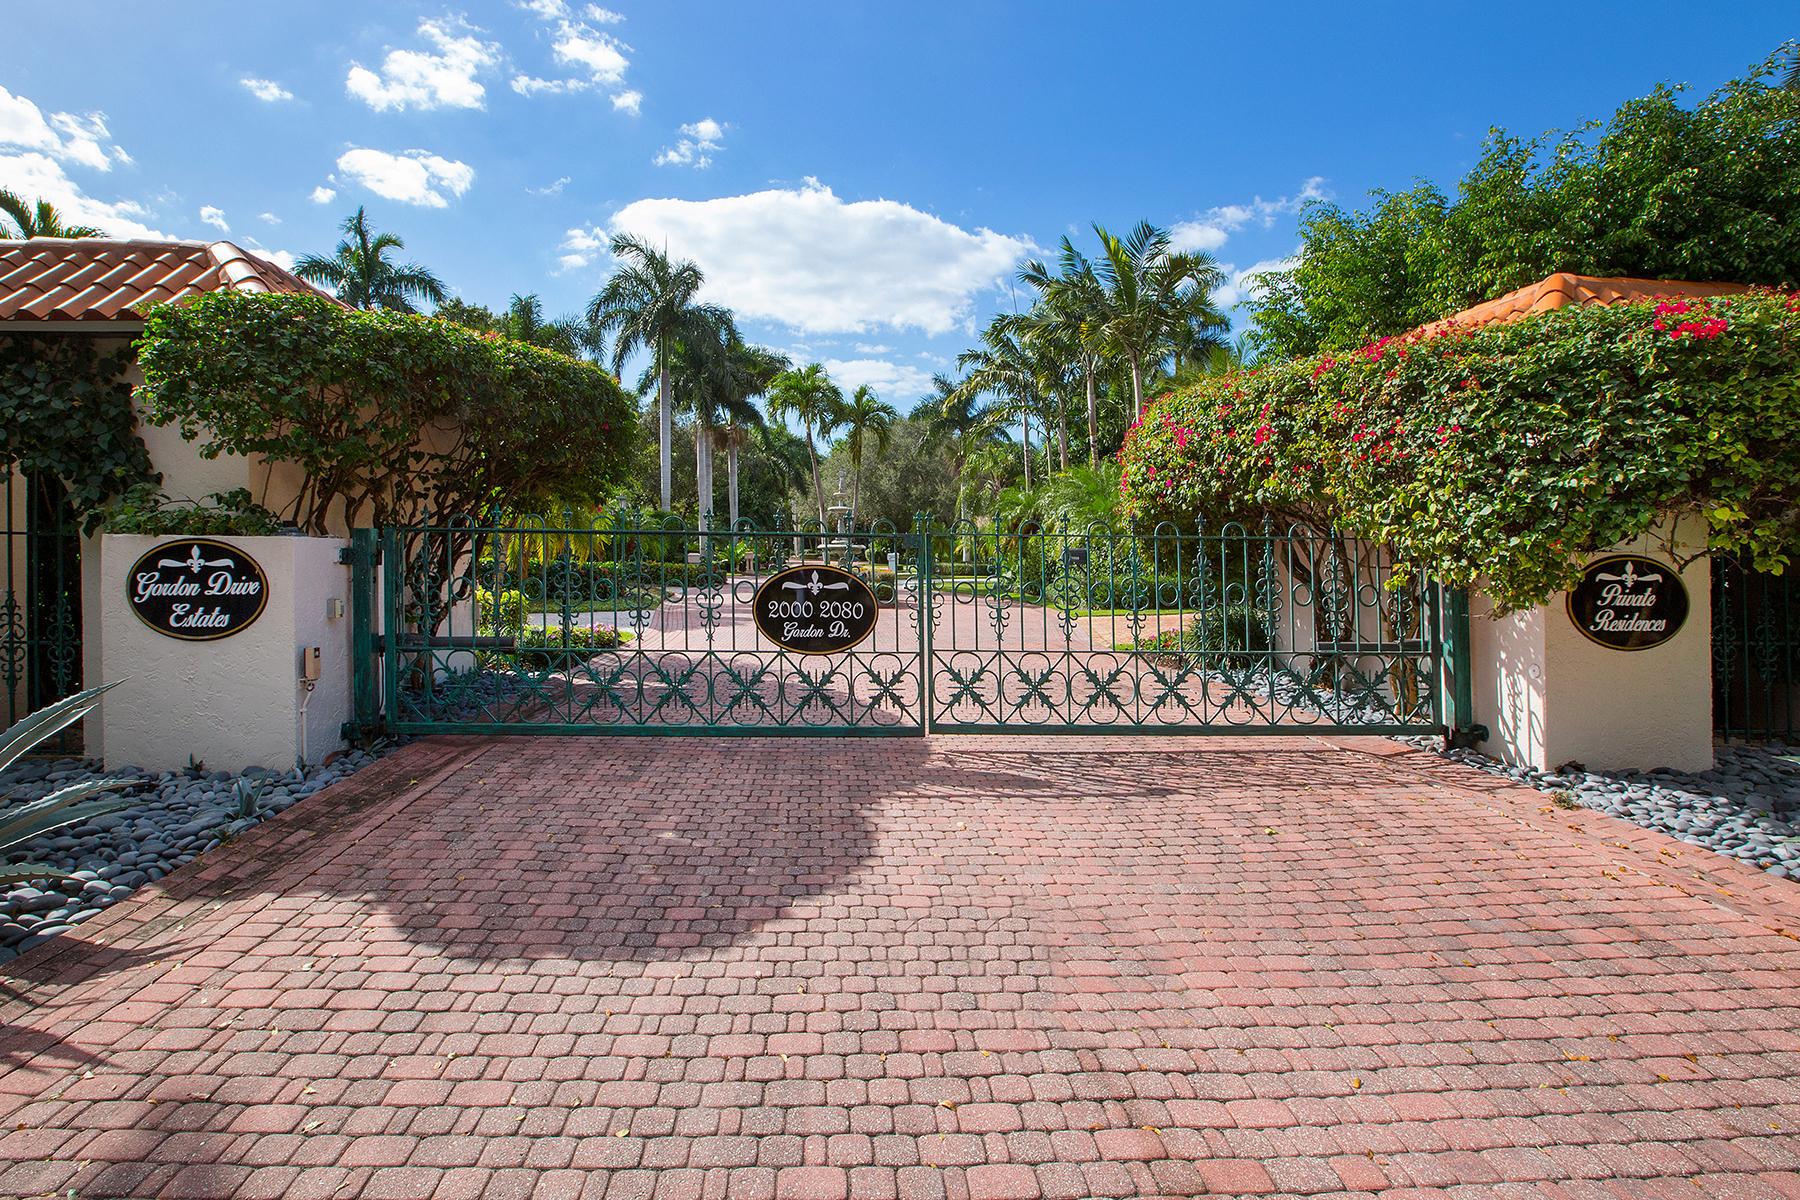 独户住宅 为 销售 在 PORT ROYAL - GORDON DRIVE ESTATES 2030 Gordon Dr 那不勒斯, 佛罗里达州, 34102 美国